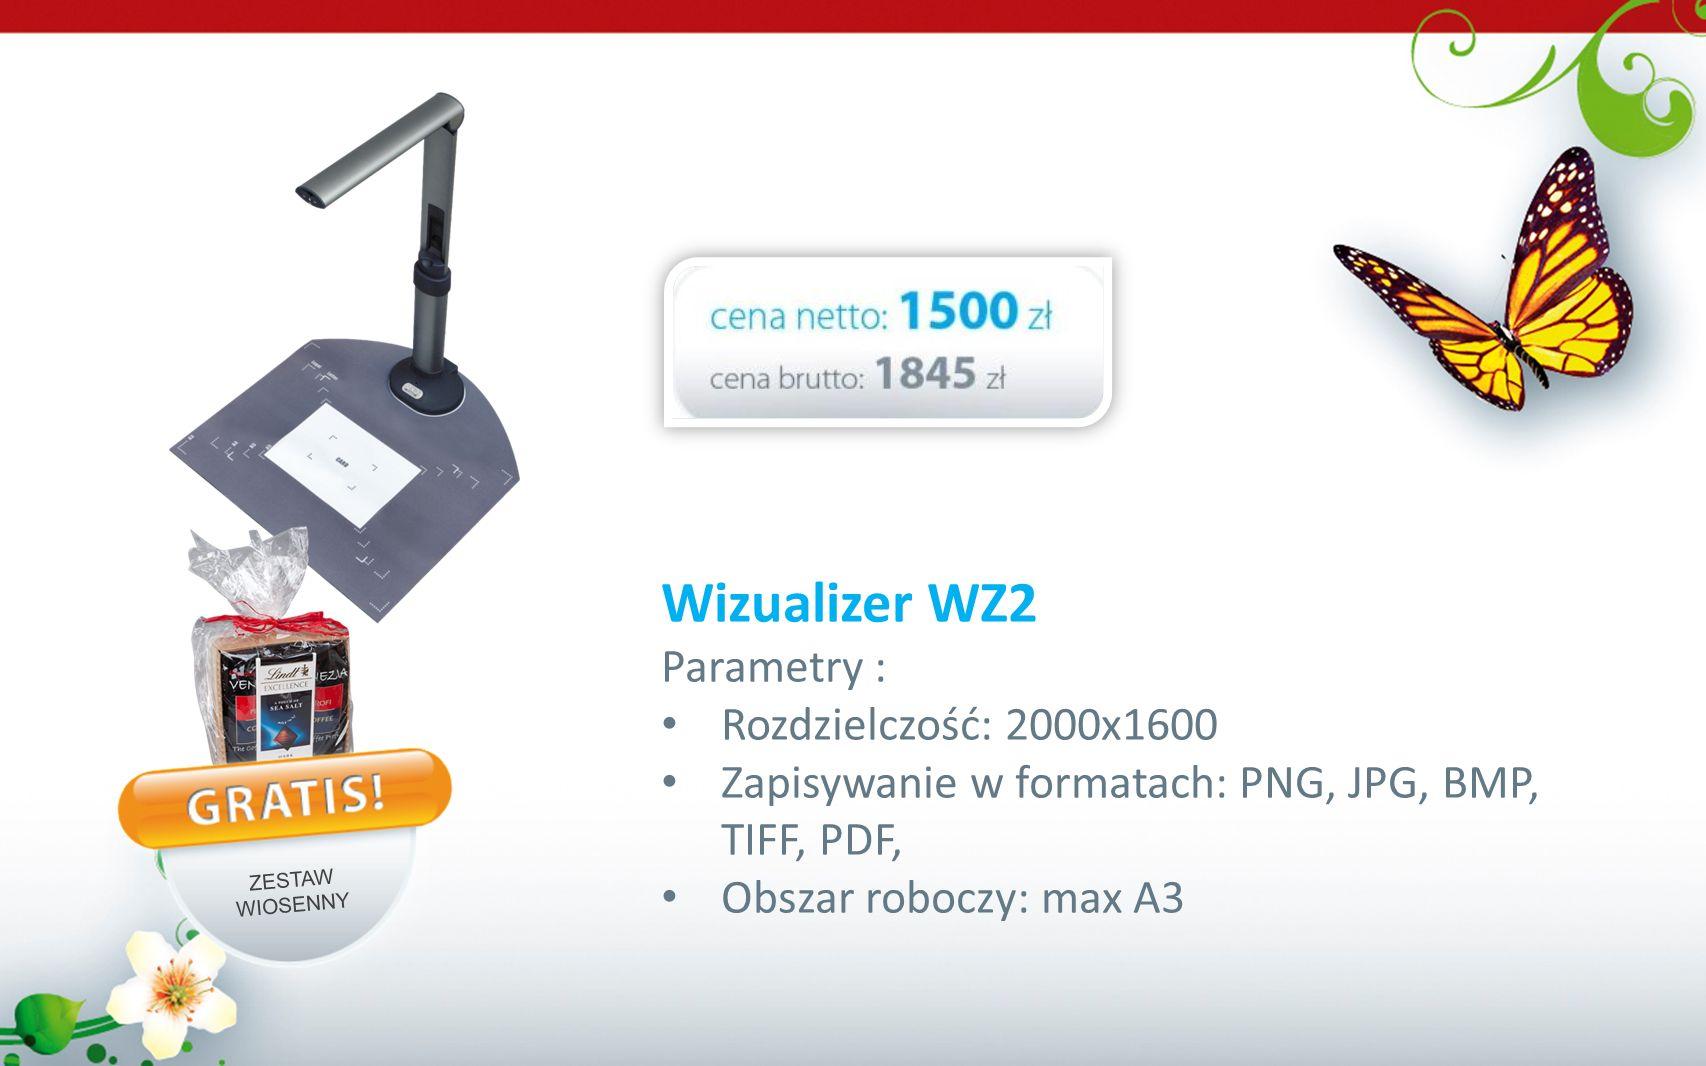 Wizualizer WZ2 Parametry : Rozdzielczość: 2000x1600 Zapisywanie w formatach: PNG, JPG, BMP, TIFF, PDF, Obszar roboczy: max A3 ZESTAW WIOSENNY